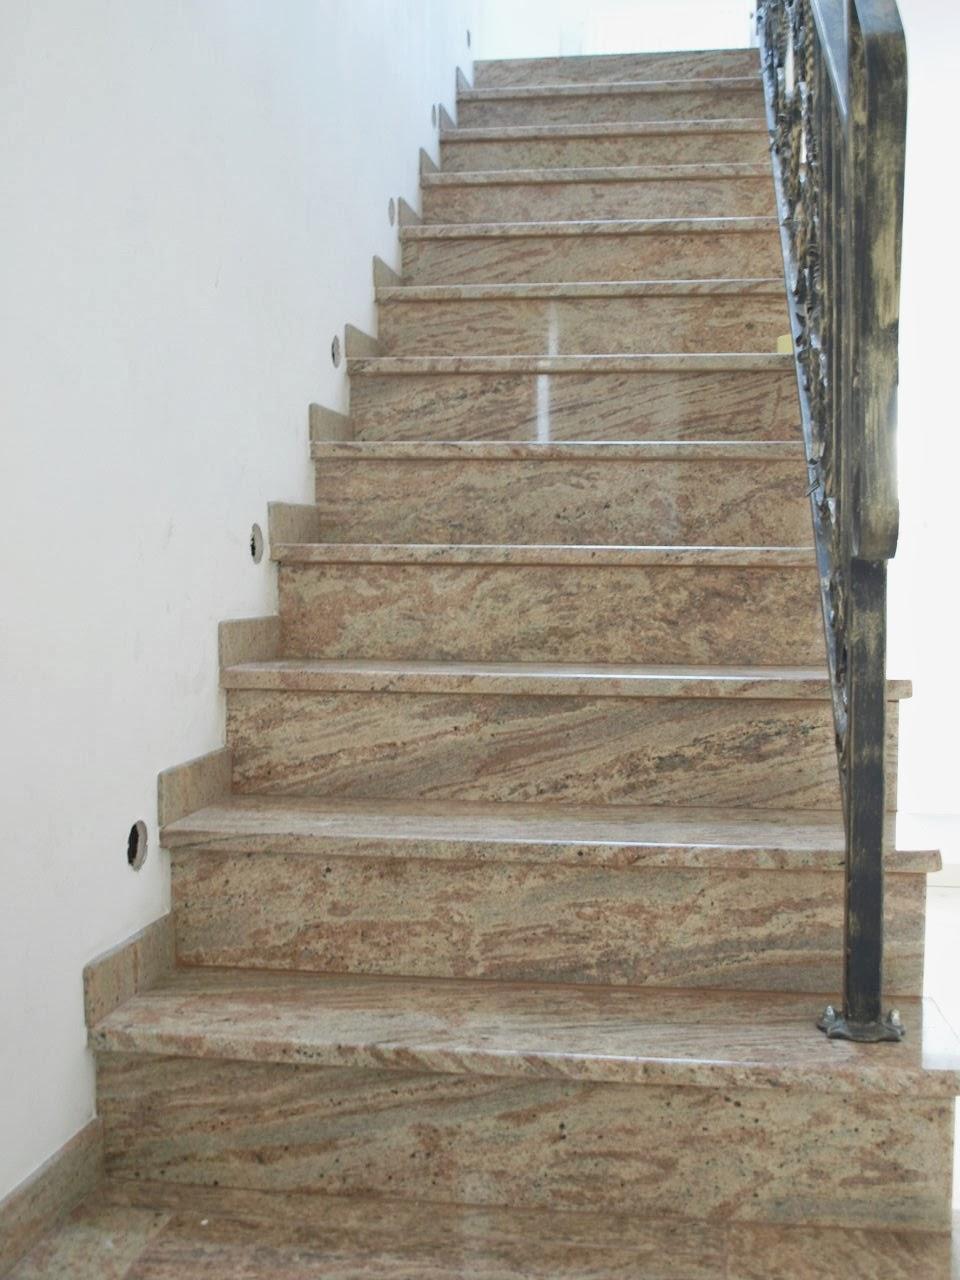 remont starego domu schody kamienne granitowe balustrada kuta murator